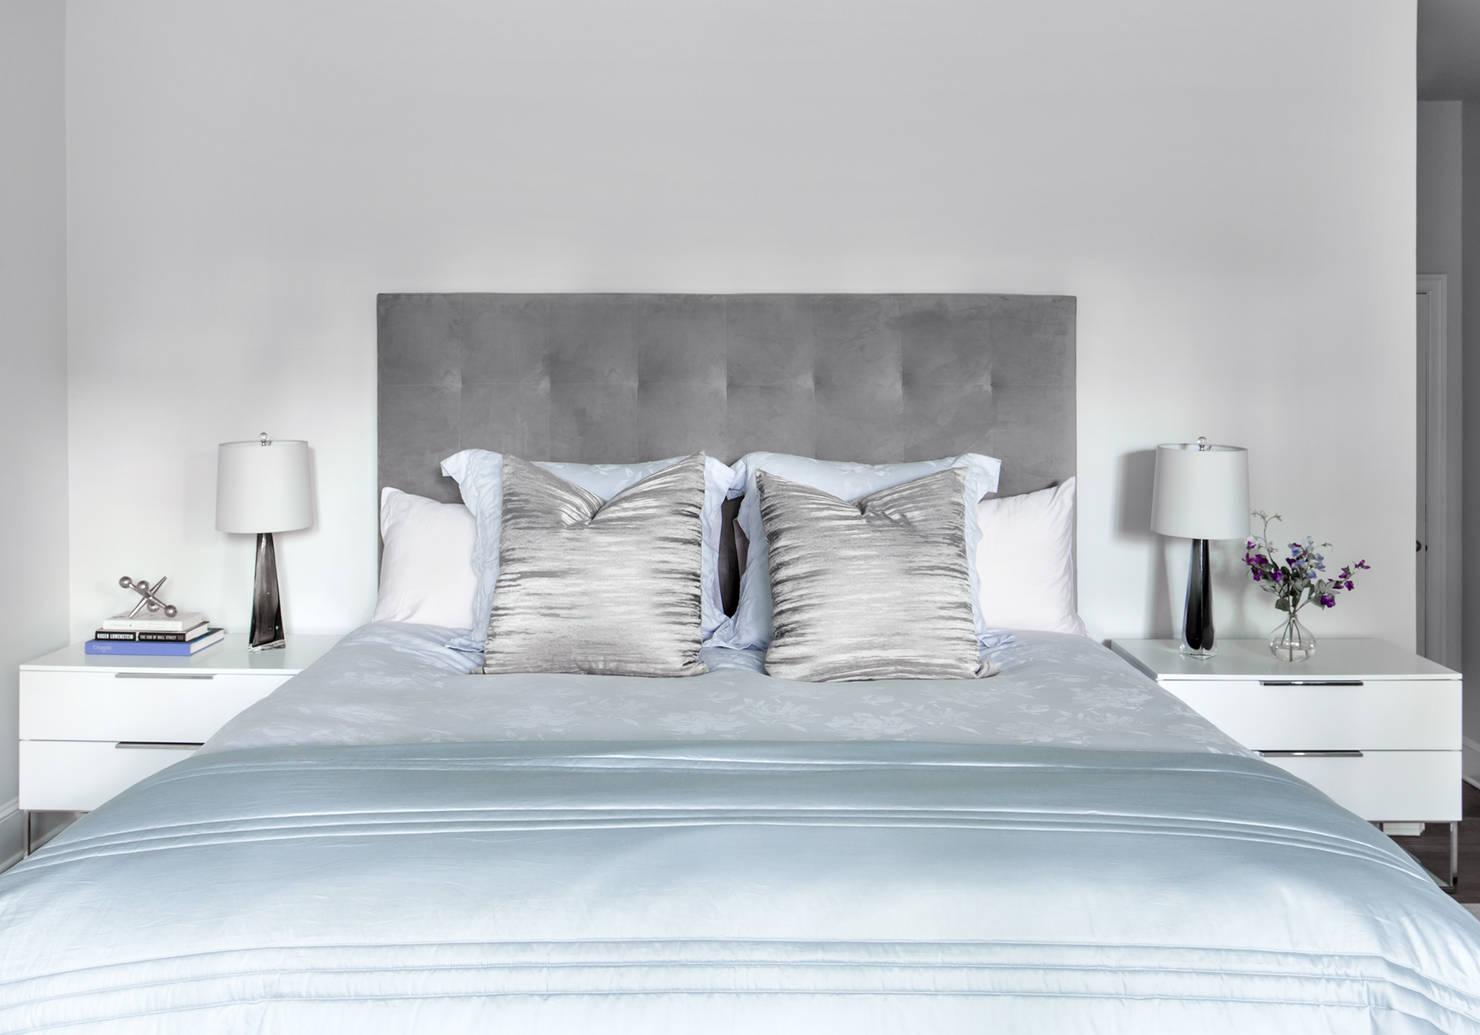 flipboard an diesen wohntrends werden wir 2019 nicht vorbei kommen. Black Bedroom Furniture Sets. Home Design Ideas